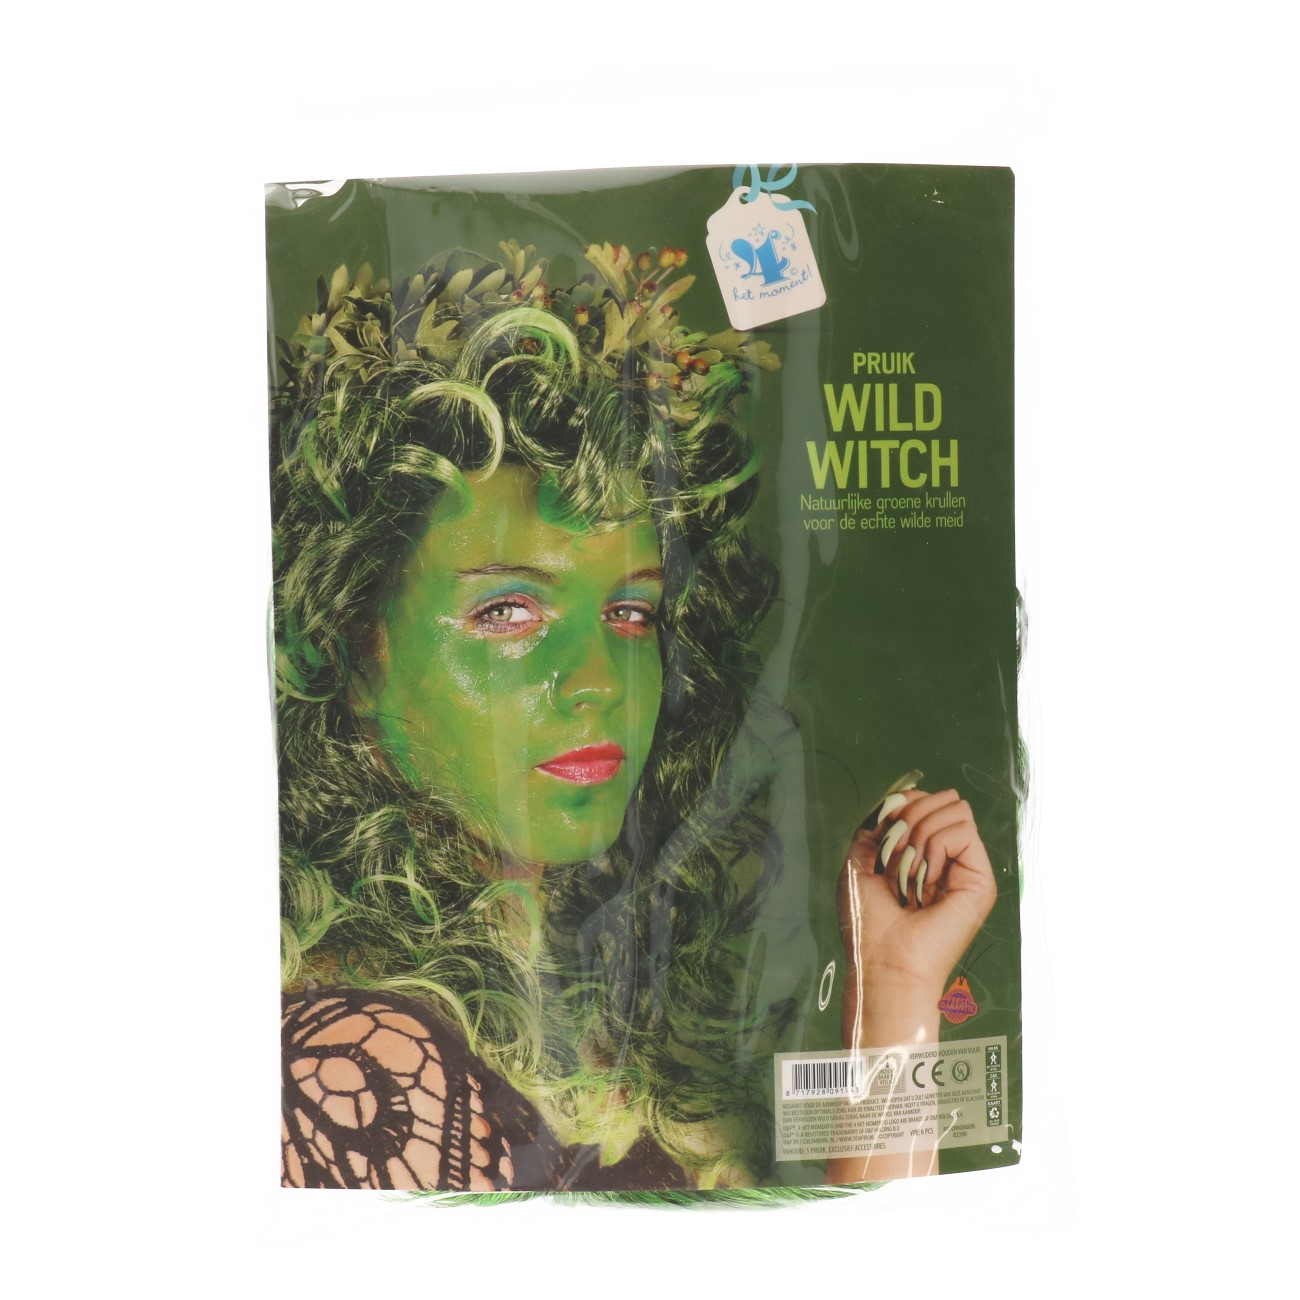 Pruik wild witch